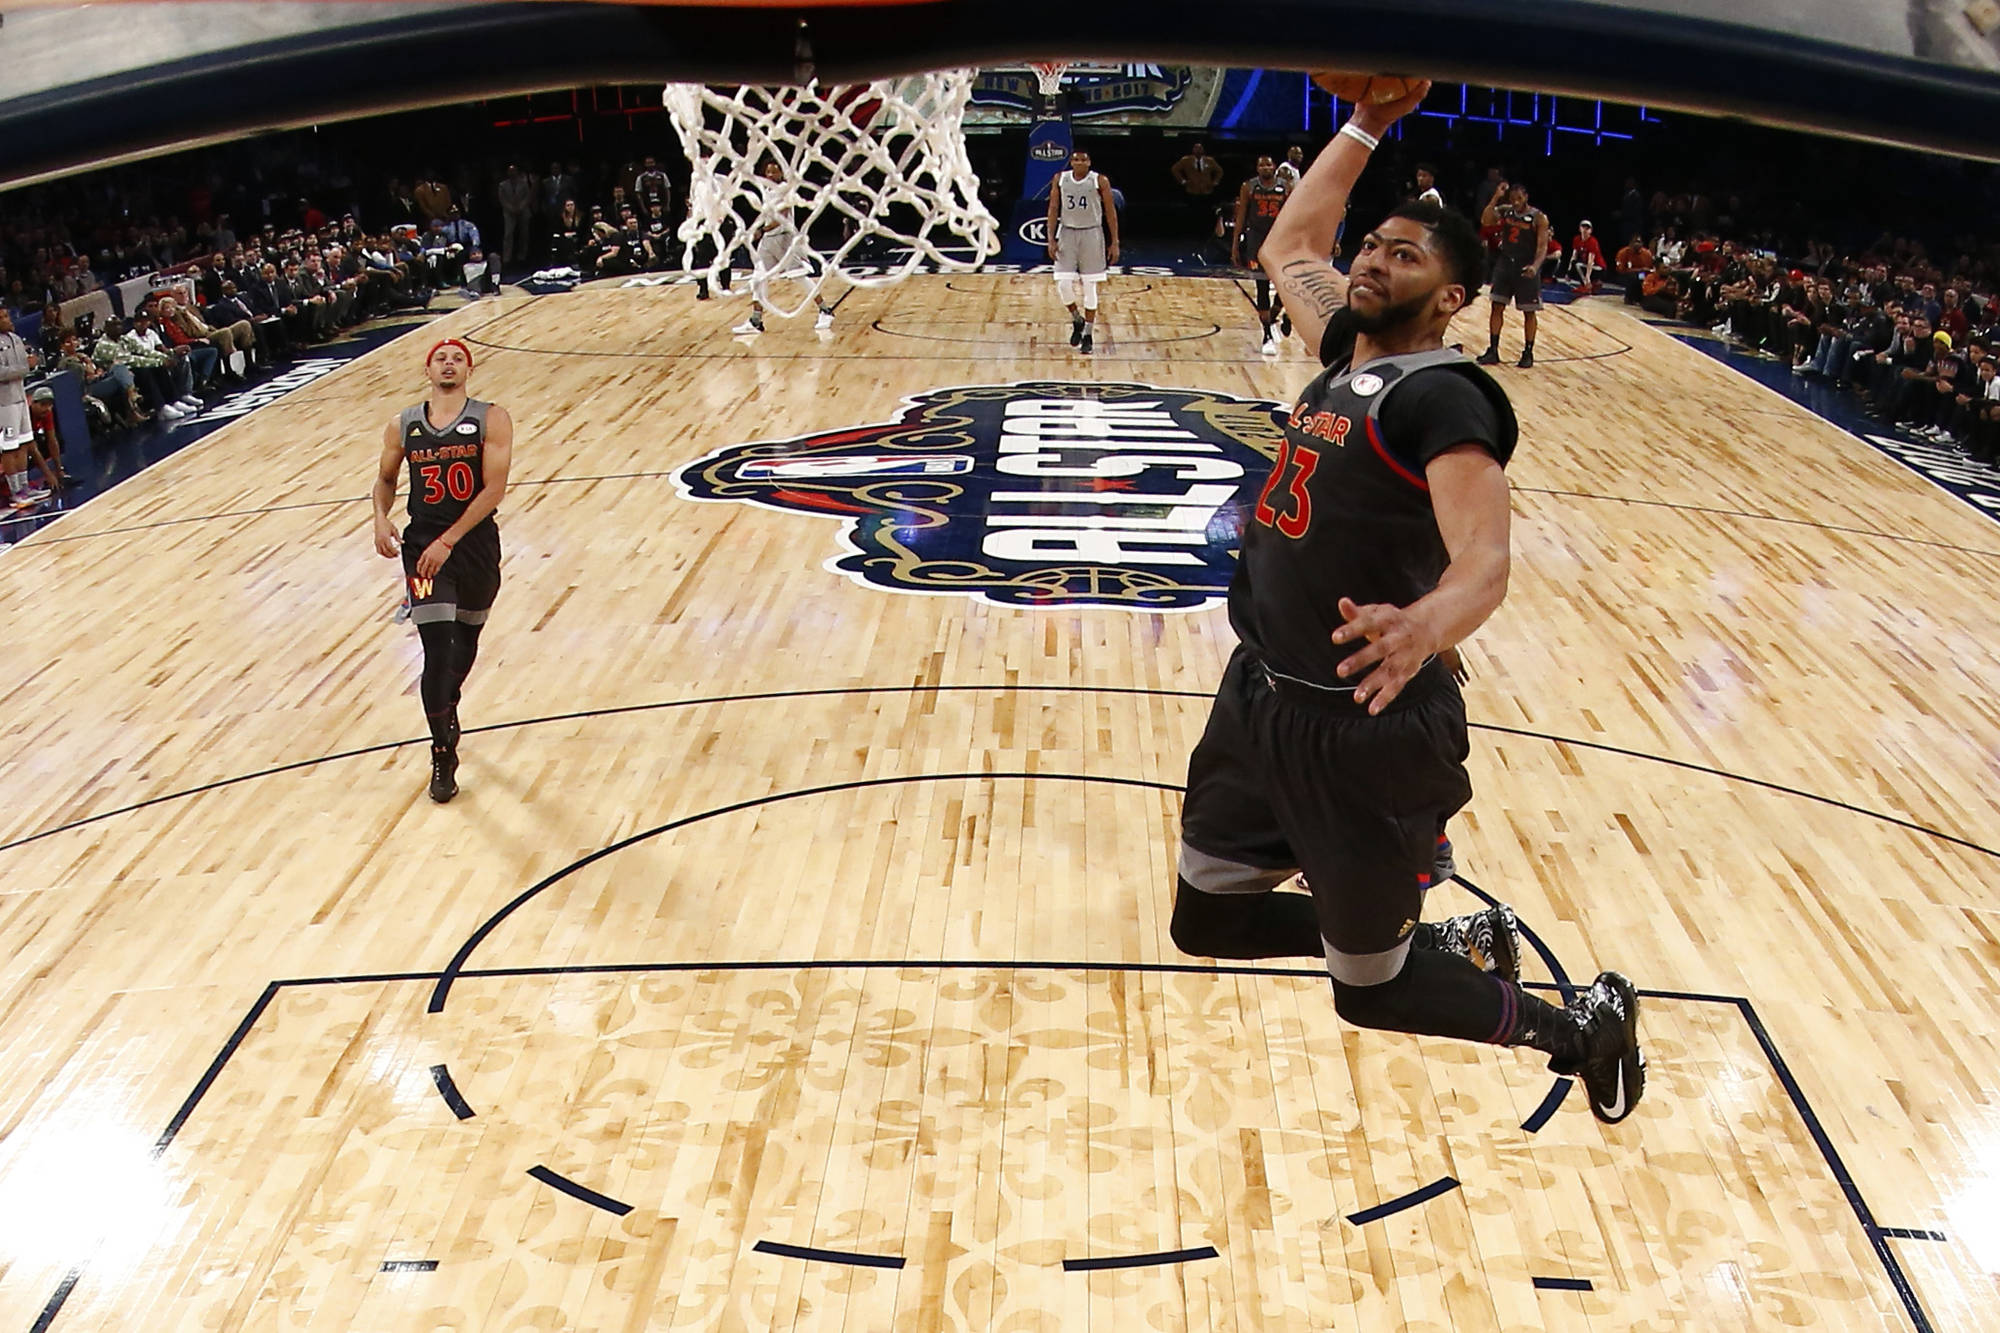 Davis MVP in All-Star Game